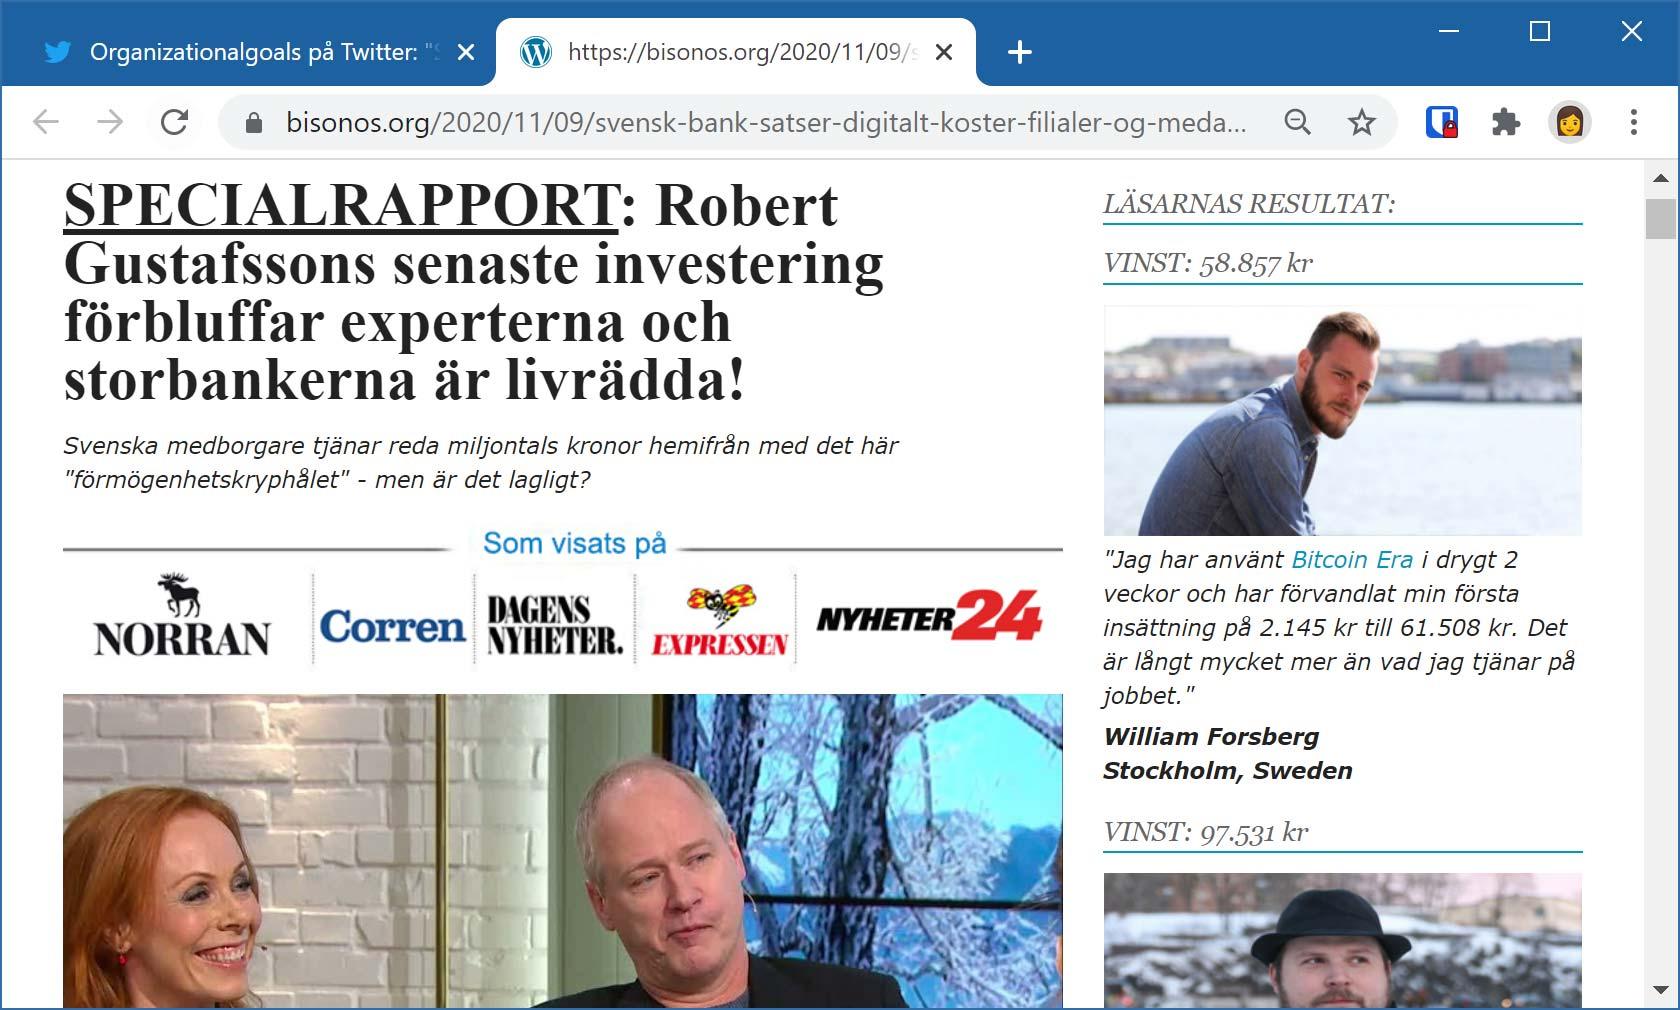 Bluffartikel där komikern Robert Gustafsson påstås marknadsföra en ny investeringsmetod.